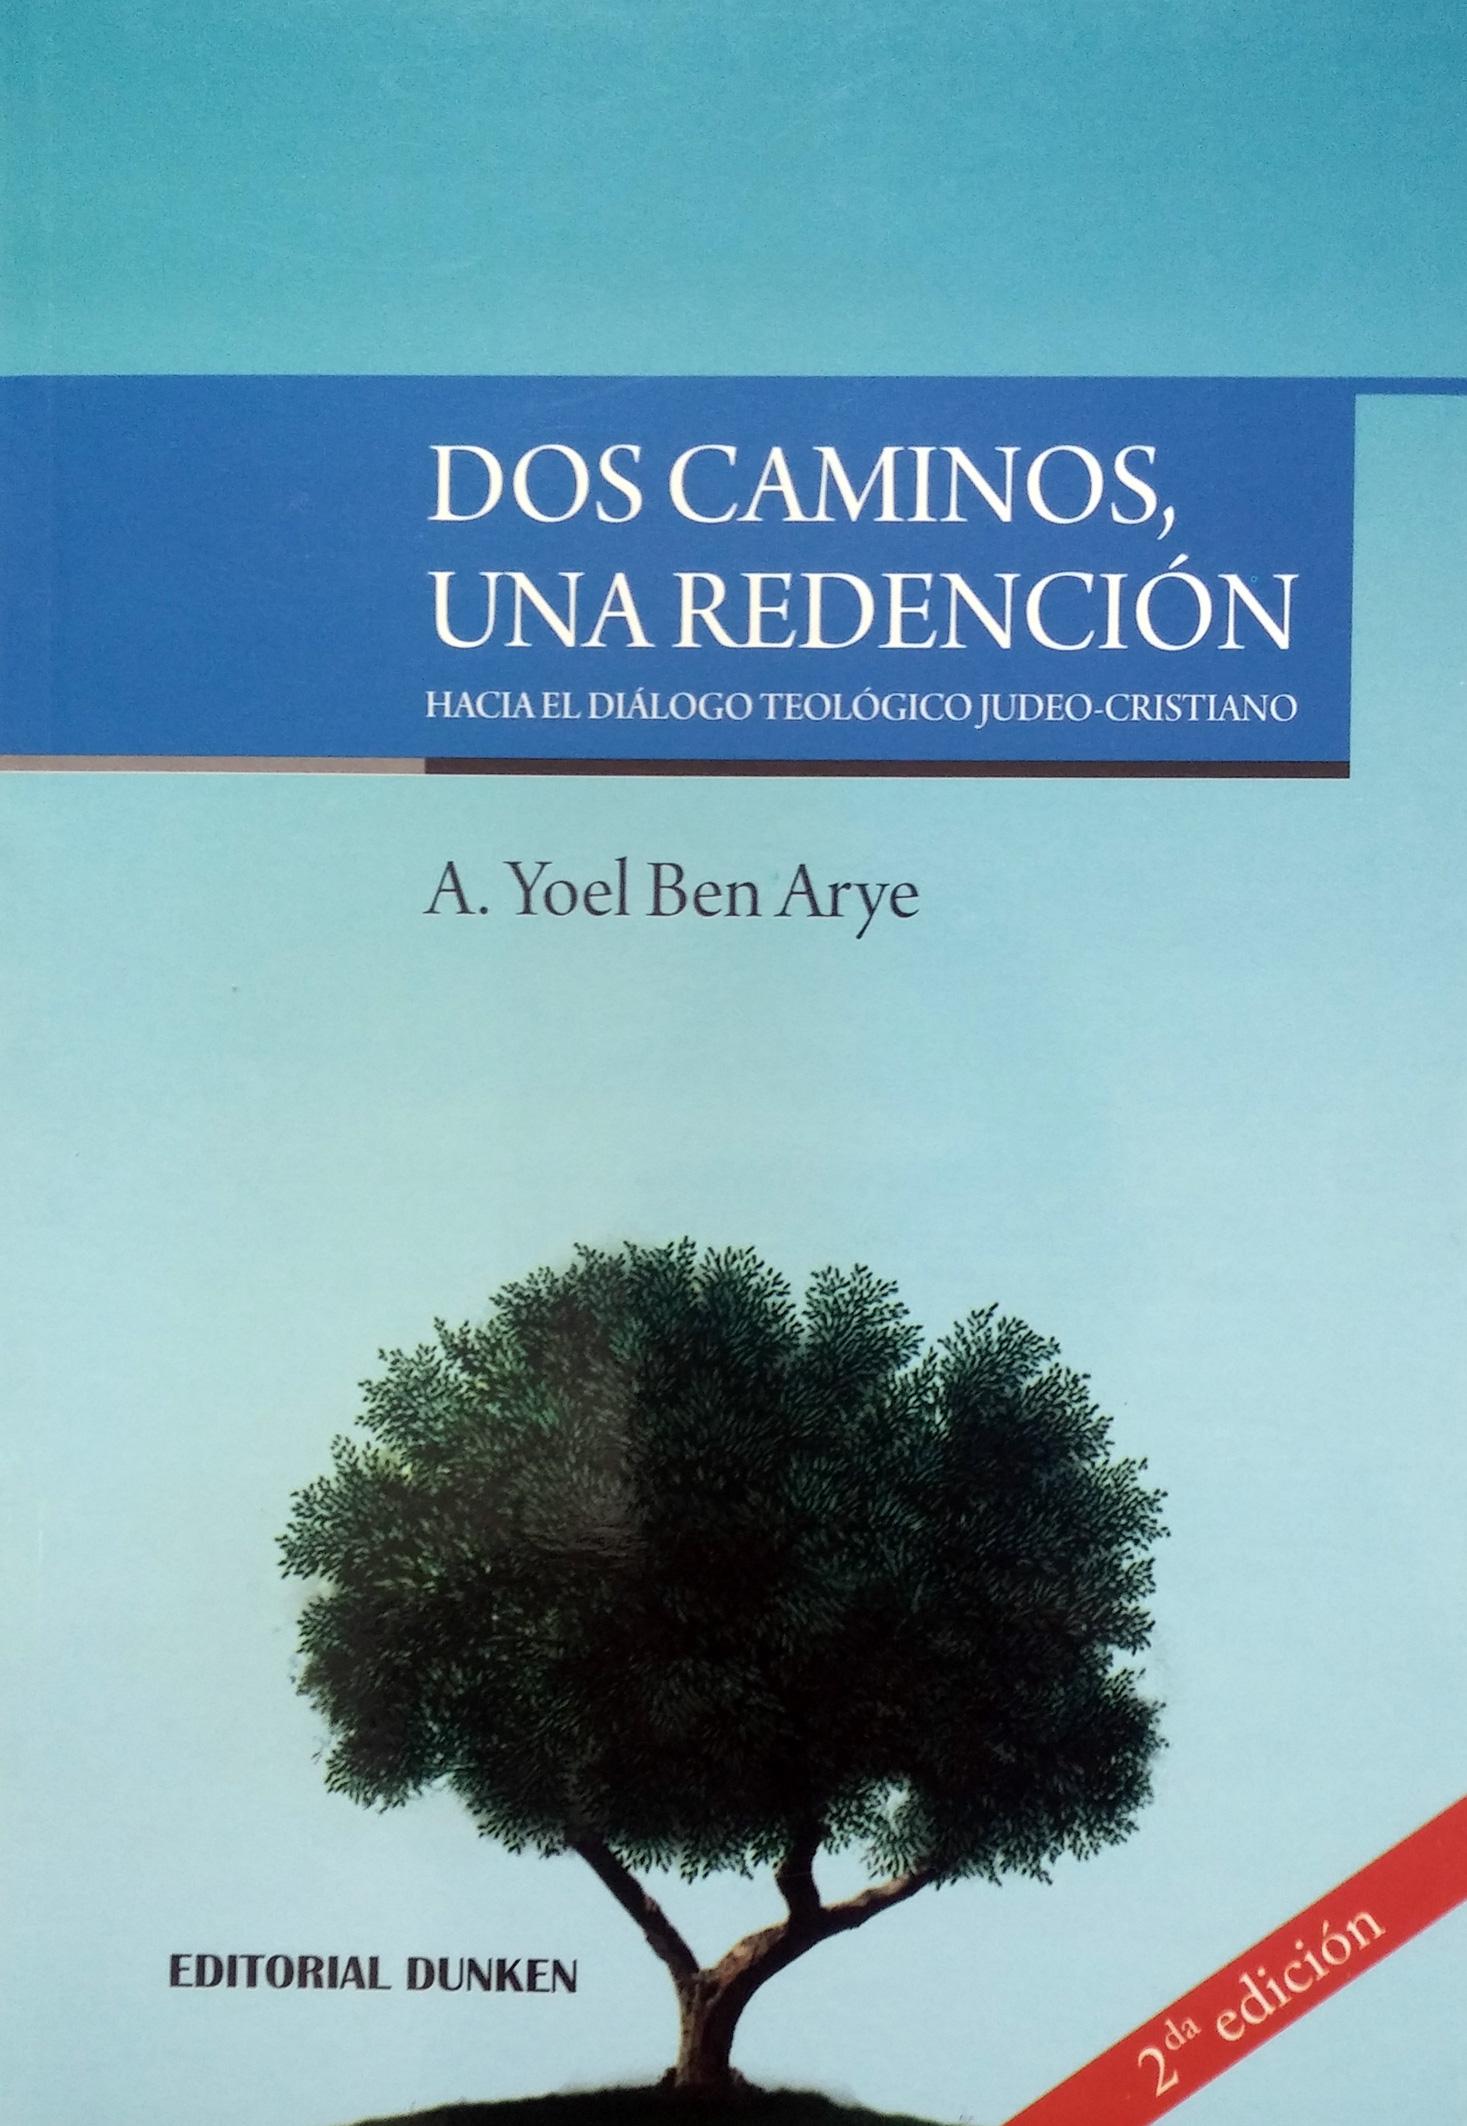 Dos caminos Una redencion - tapa del libro